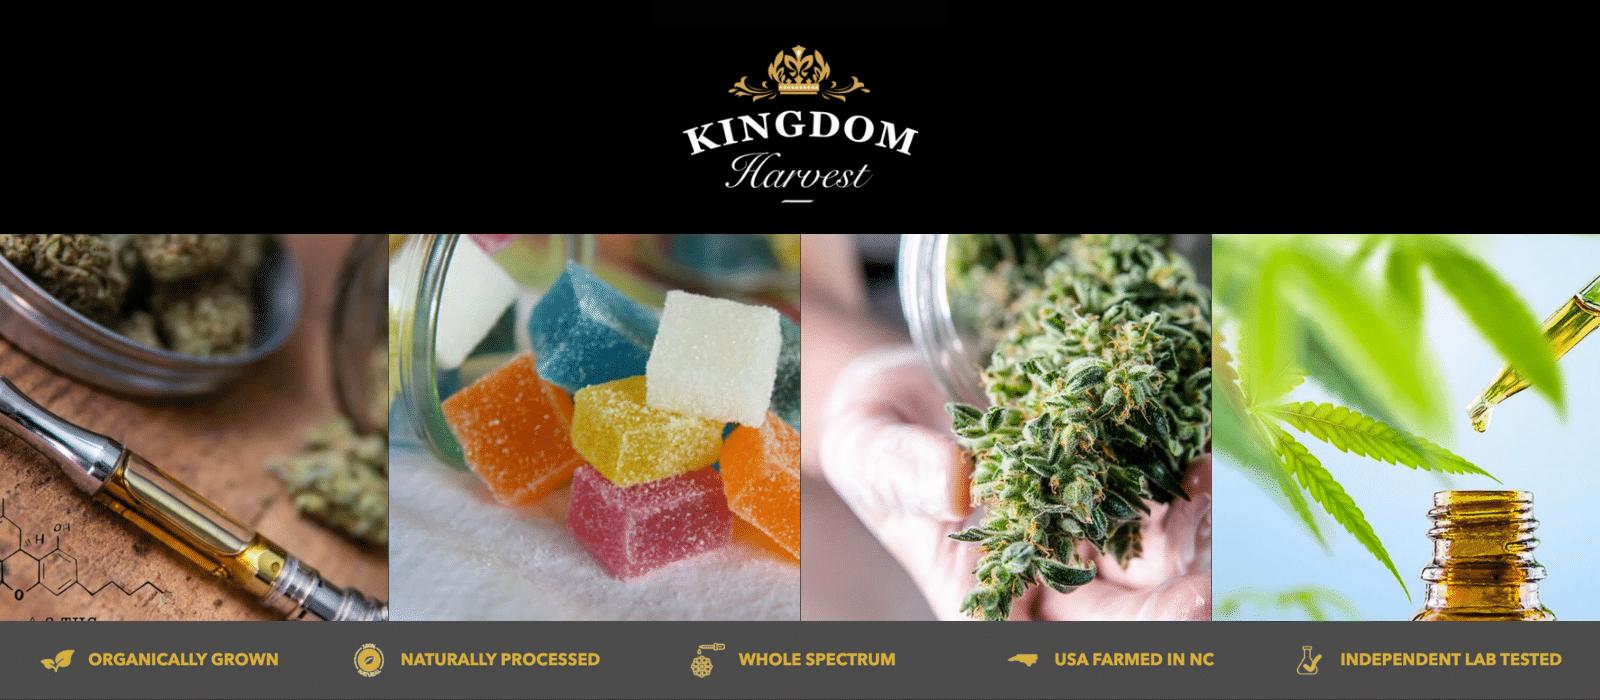 Kingdom Harvest CBD